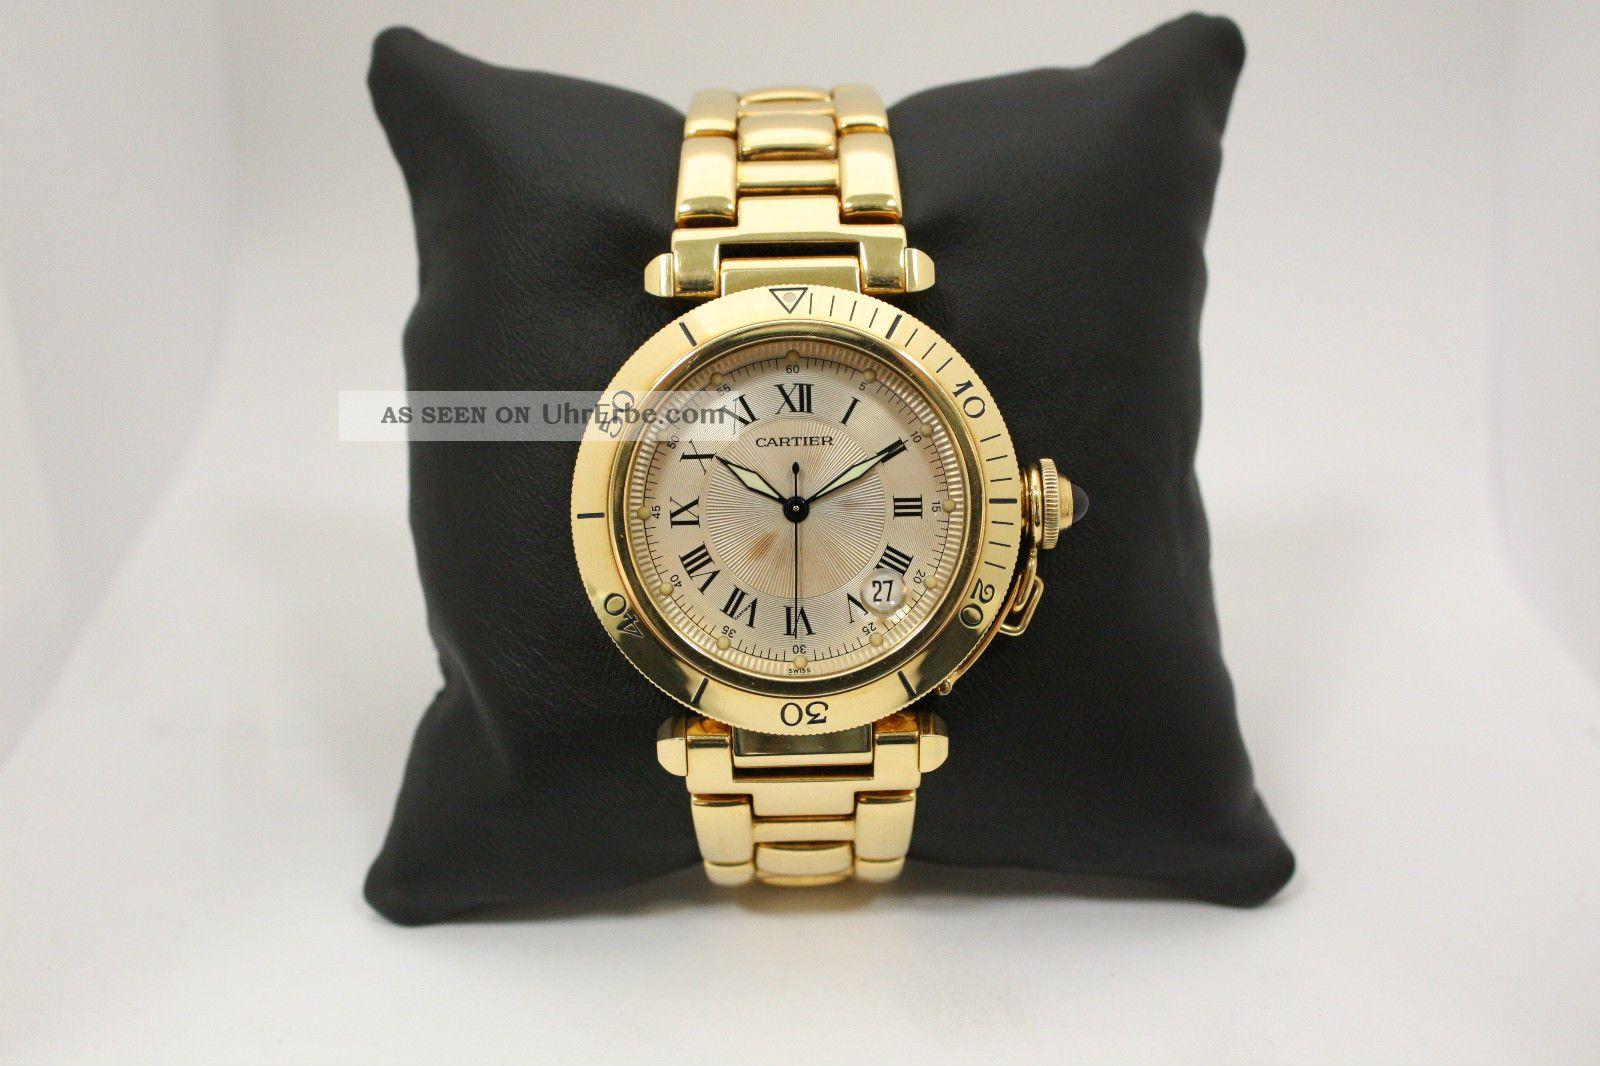 Herrenarmbanduhr Cartier Pasha 18k / 750er Gelbgold Automatic M.  Box,  Papieren Armbanduhren Bild